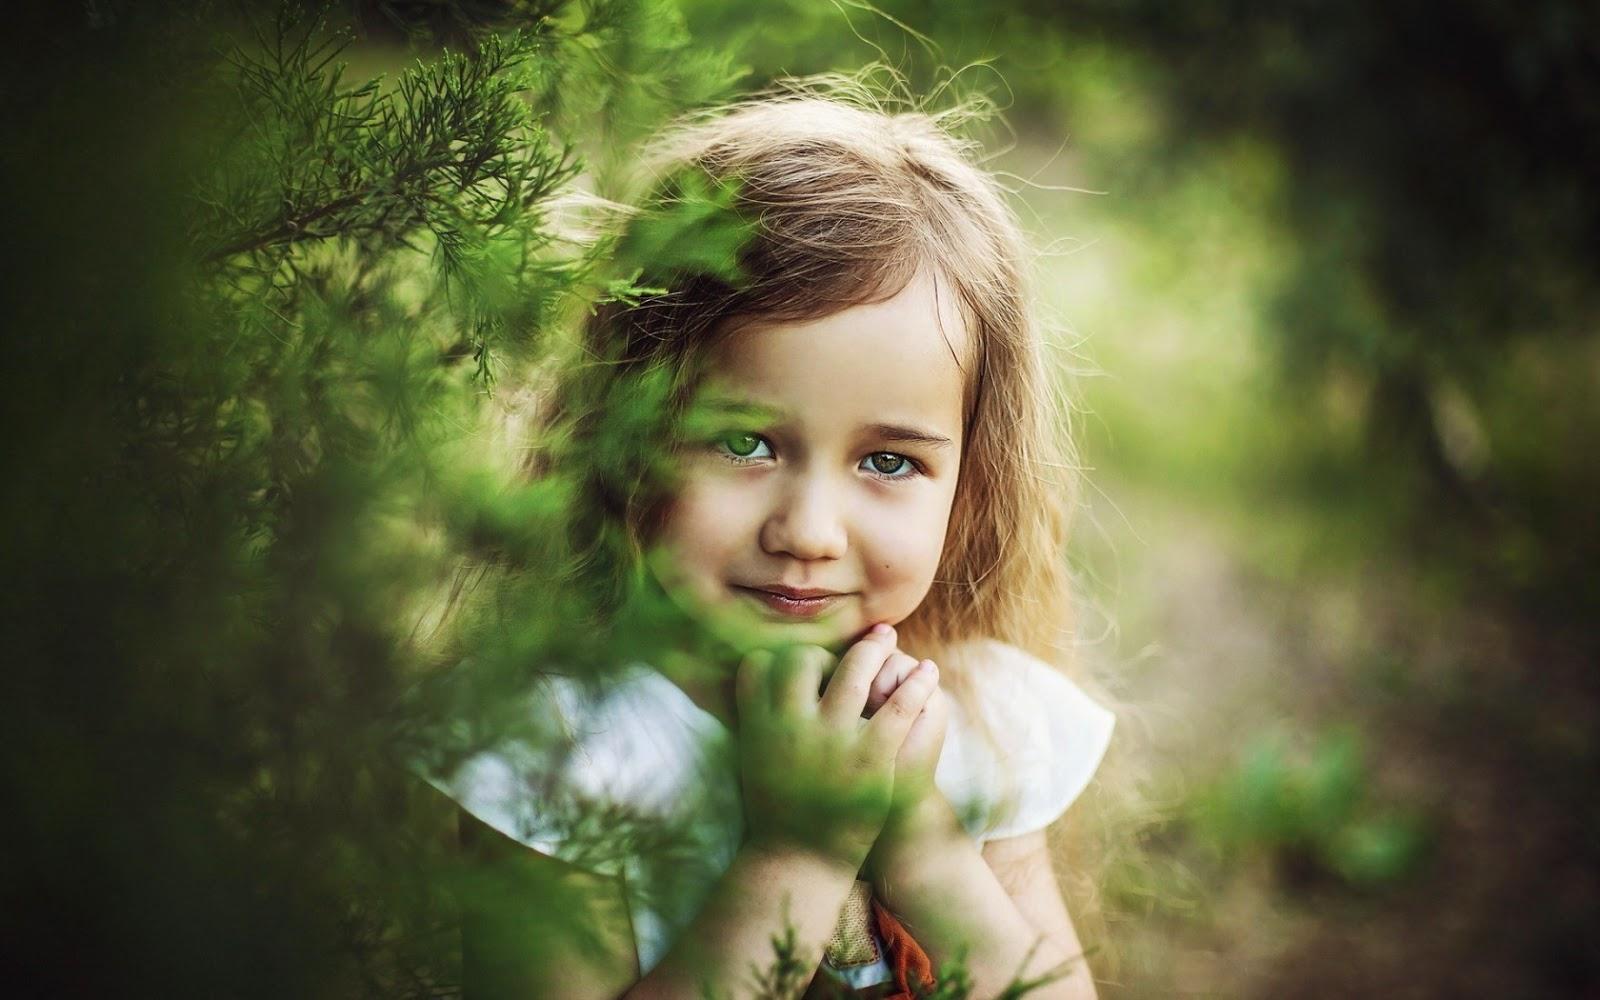 Gambar anak kecil perempuan cantik gratis wallpaper